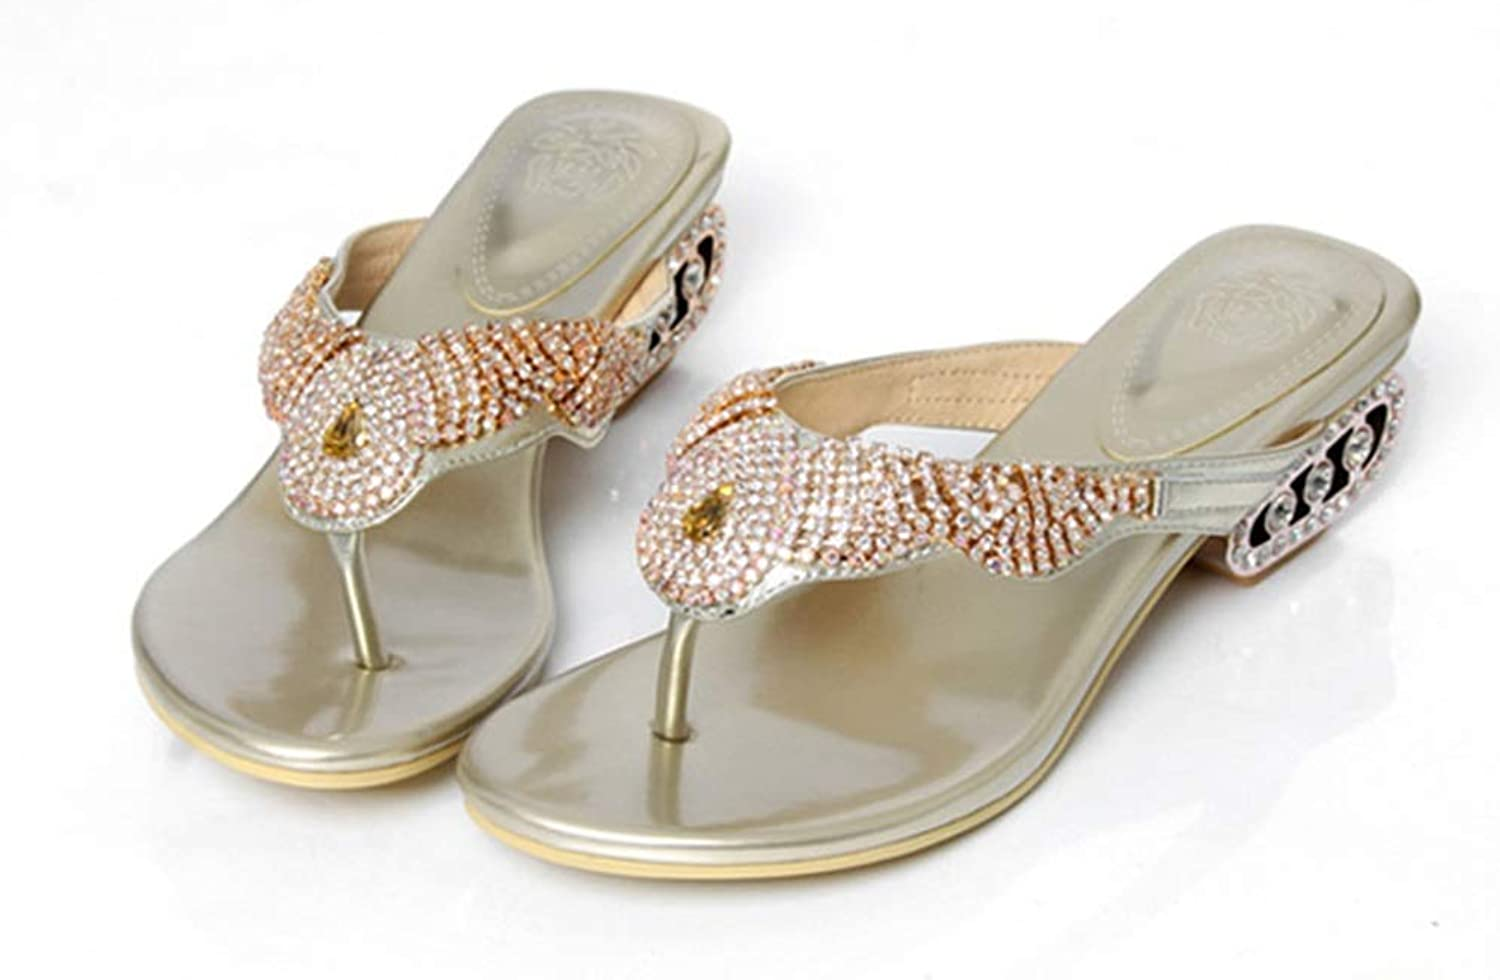 Flipflop Flip-Flops, Damenschuhe Strasssteine Outdoor-Sandalen aus Leder und Hausschuhe mit Zehenstrand-Hausschuhen (Farbe   Gold, Größe   35)